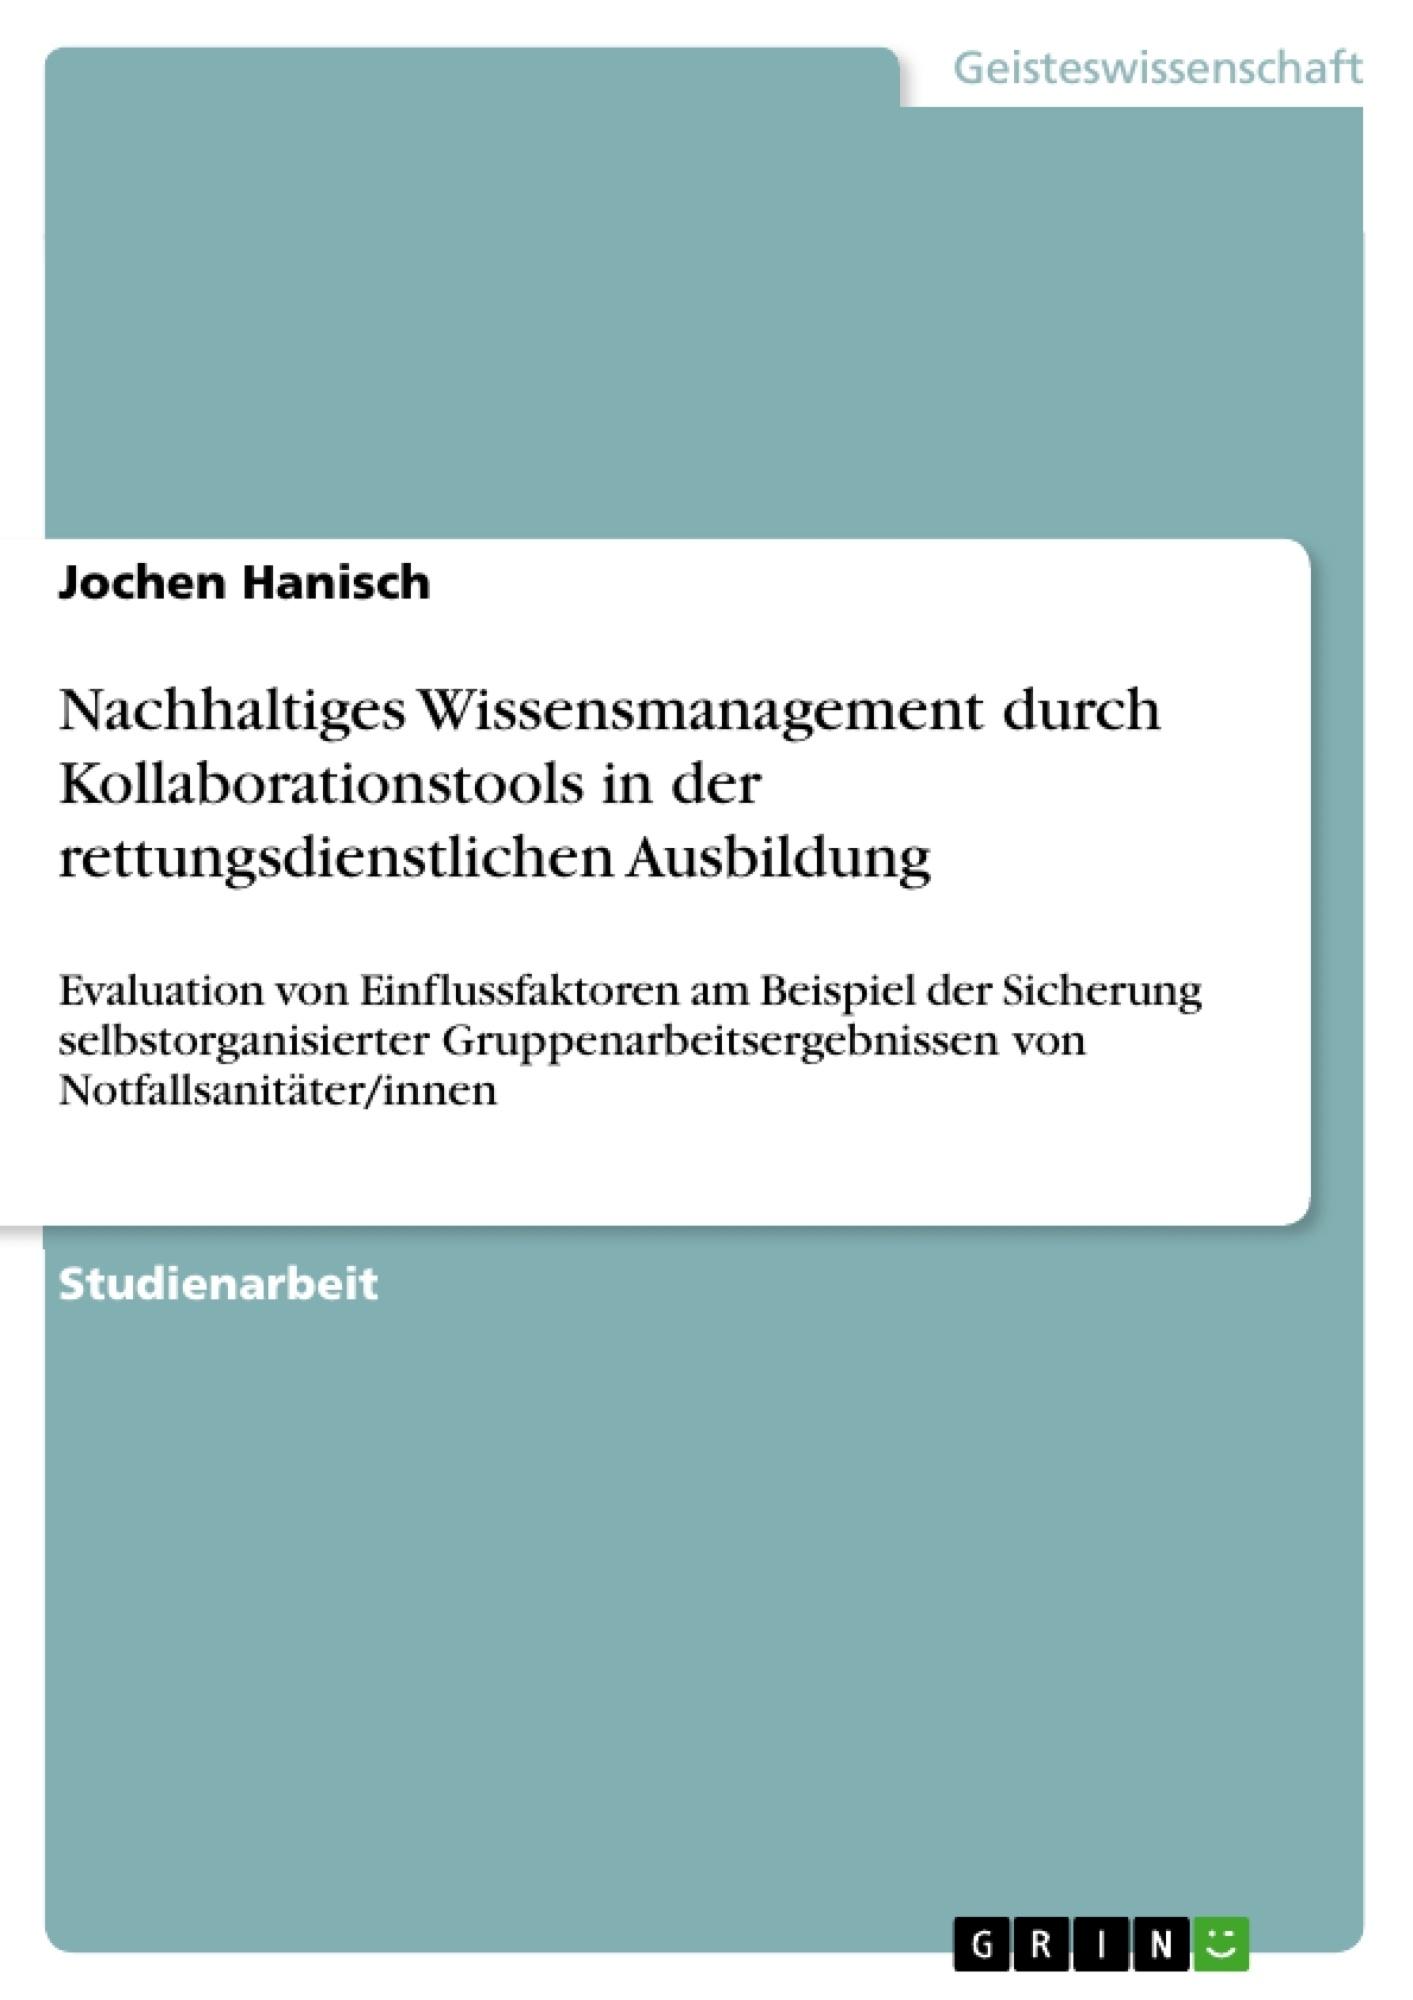 Titel: Nachhaltiges Wissensmanagement durch Kollaborationstools in der rettungsdienstlichen Ausbildung